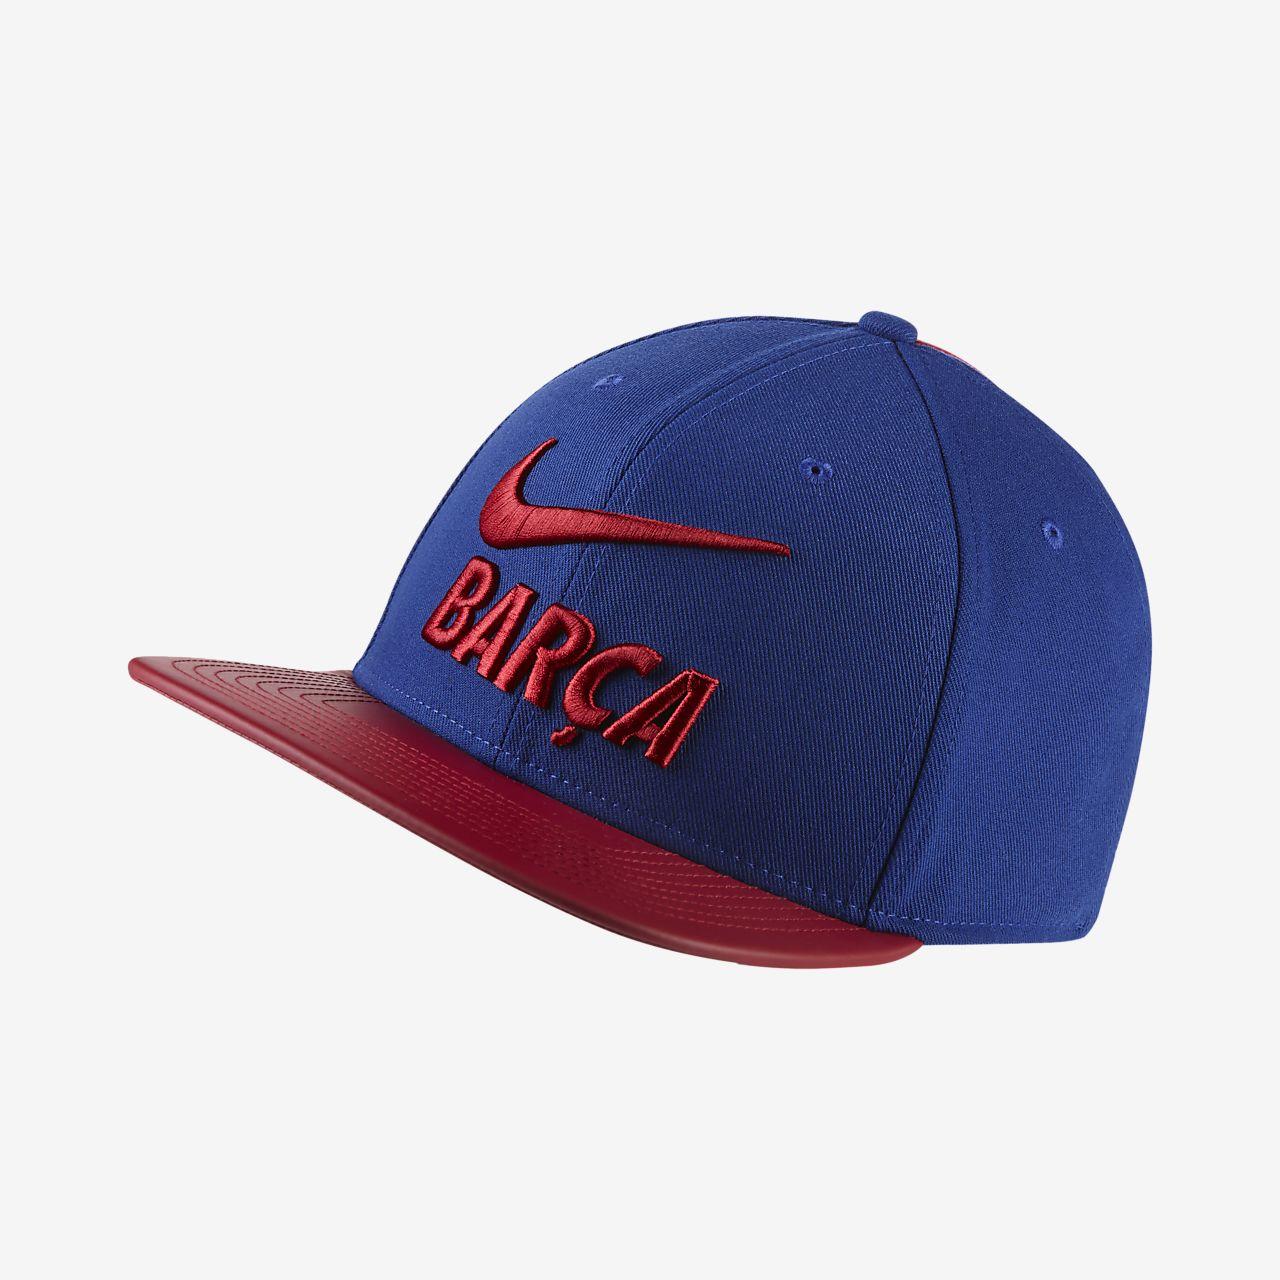 FC Barcelona Adjustable Hat